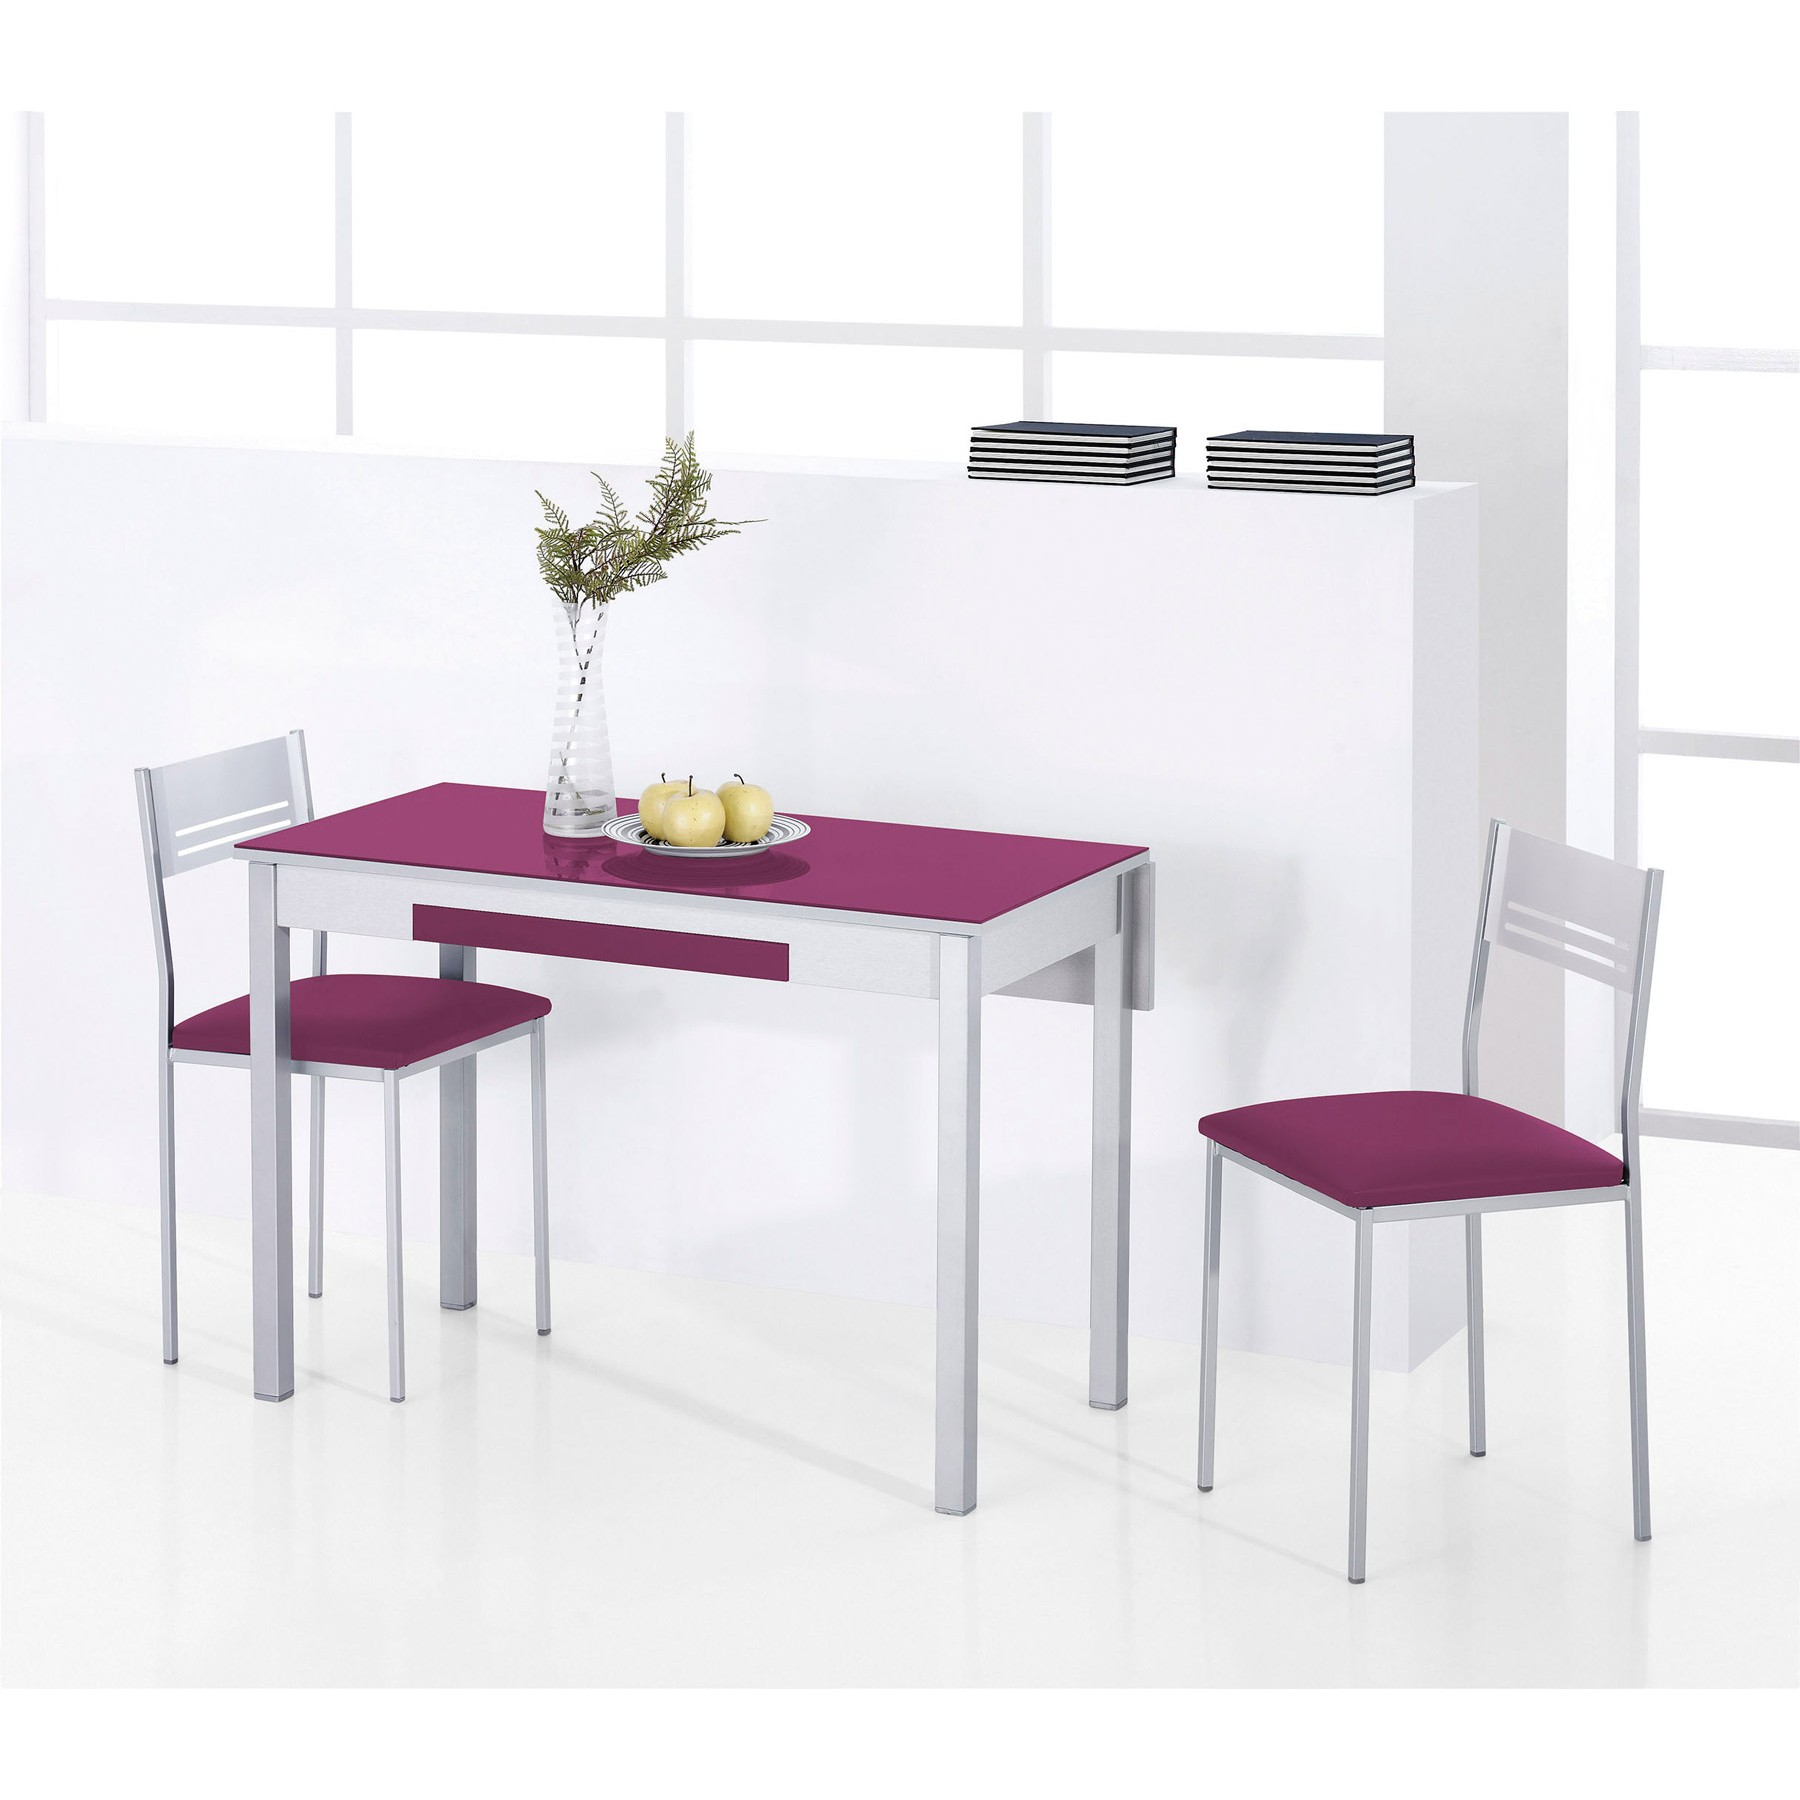 Conjunto mesa cocina y sillas taburete ala extensible for Mesa extensible con sillas